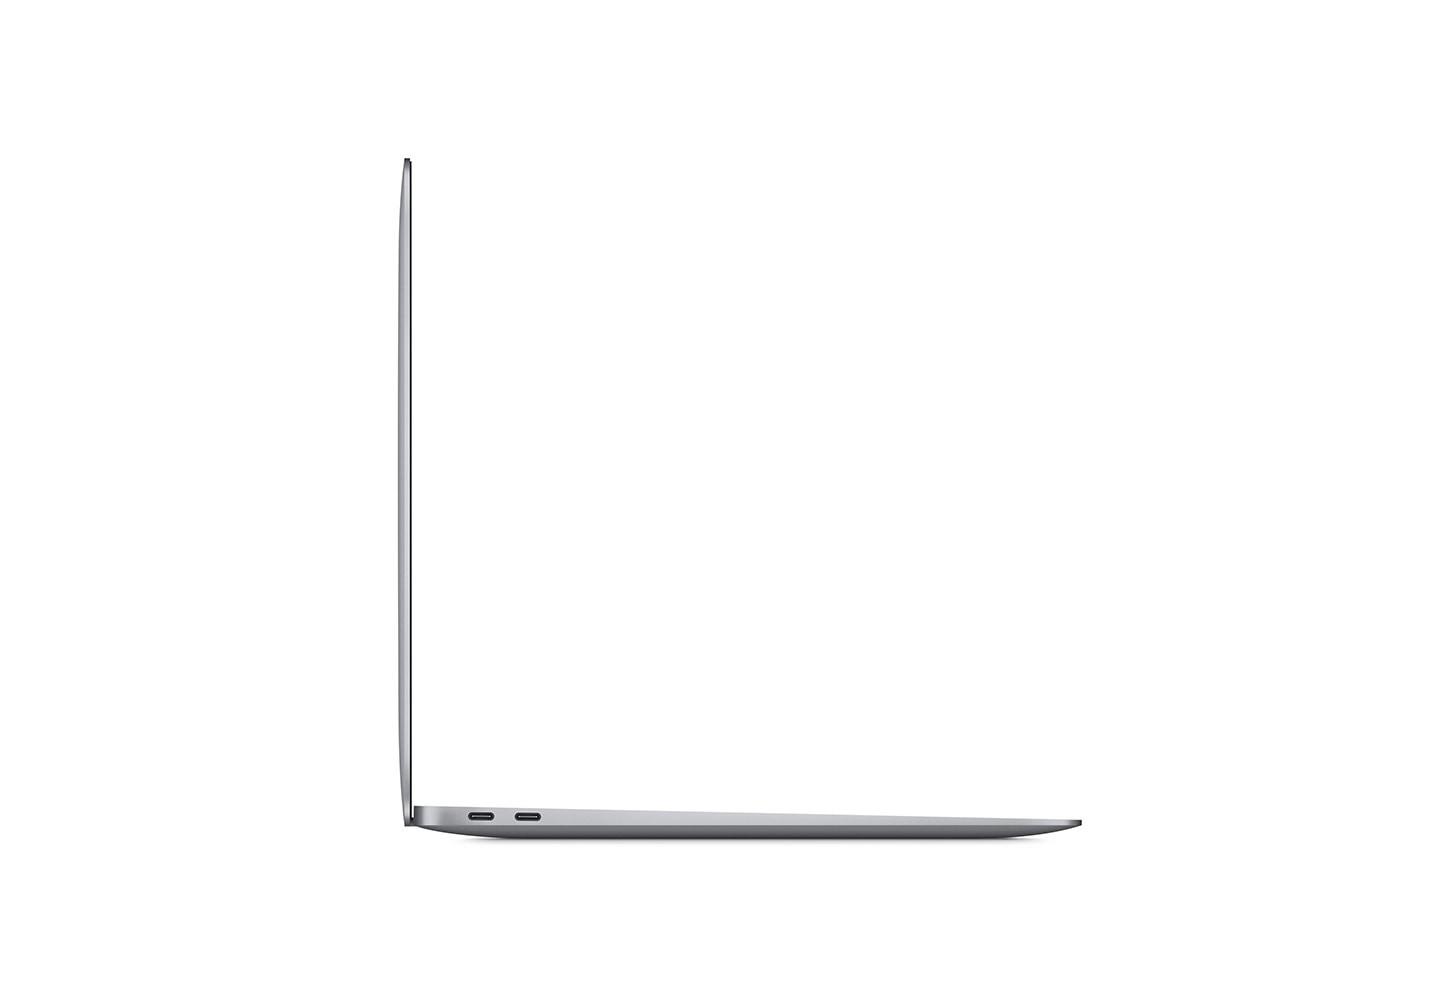 macbookair-spacegrey-2.jpg